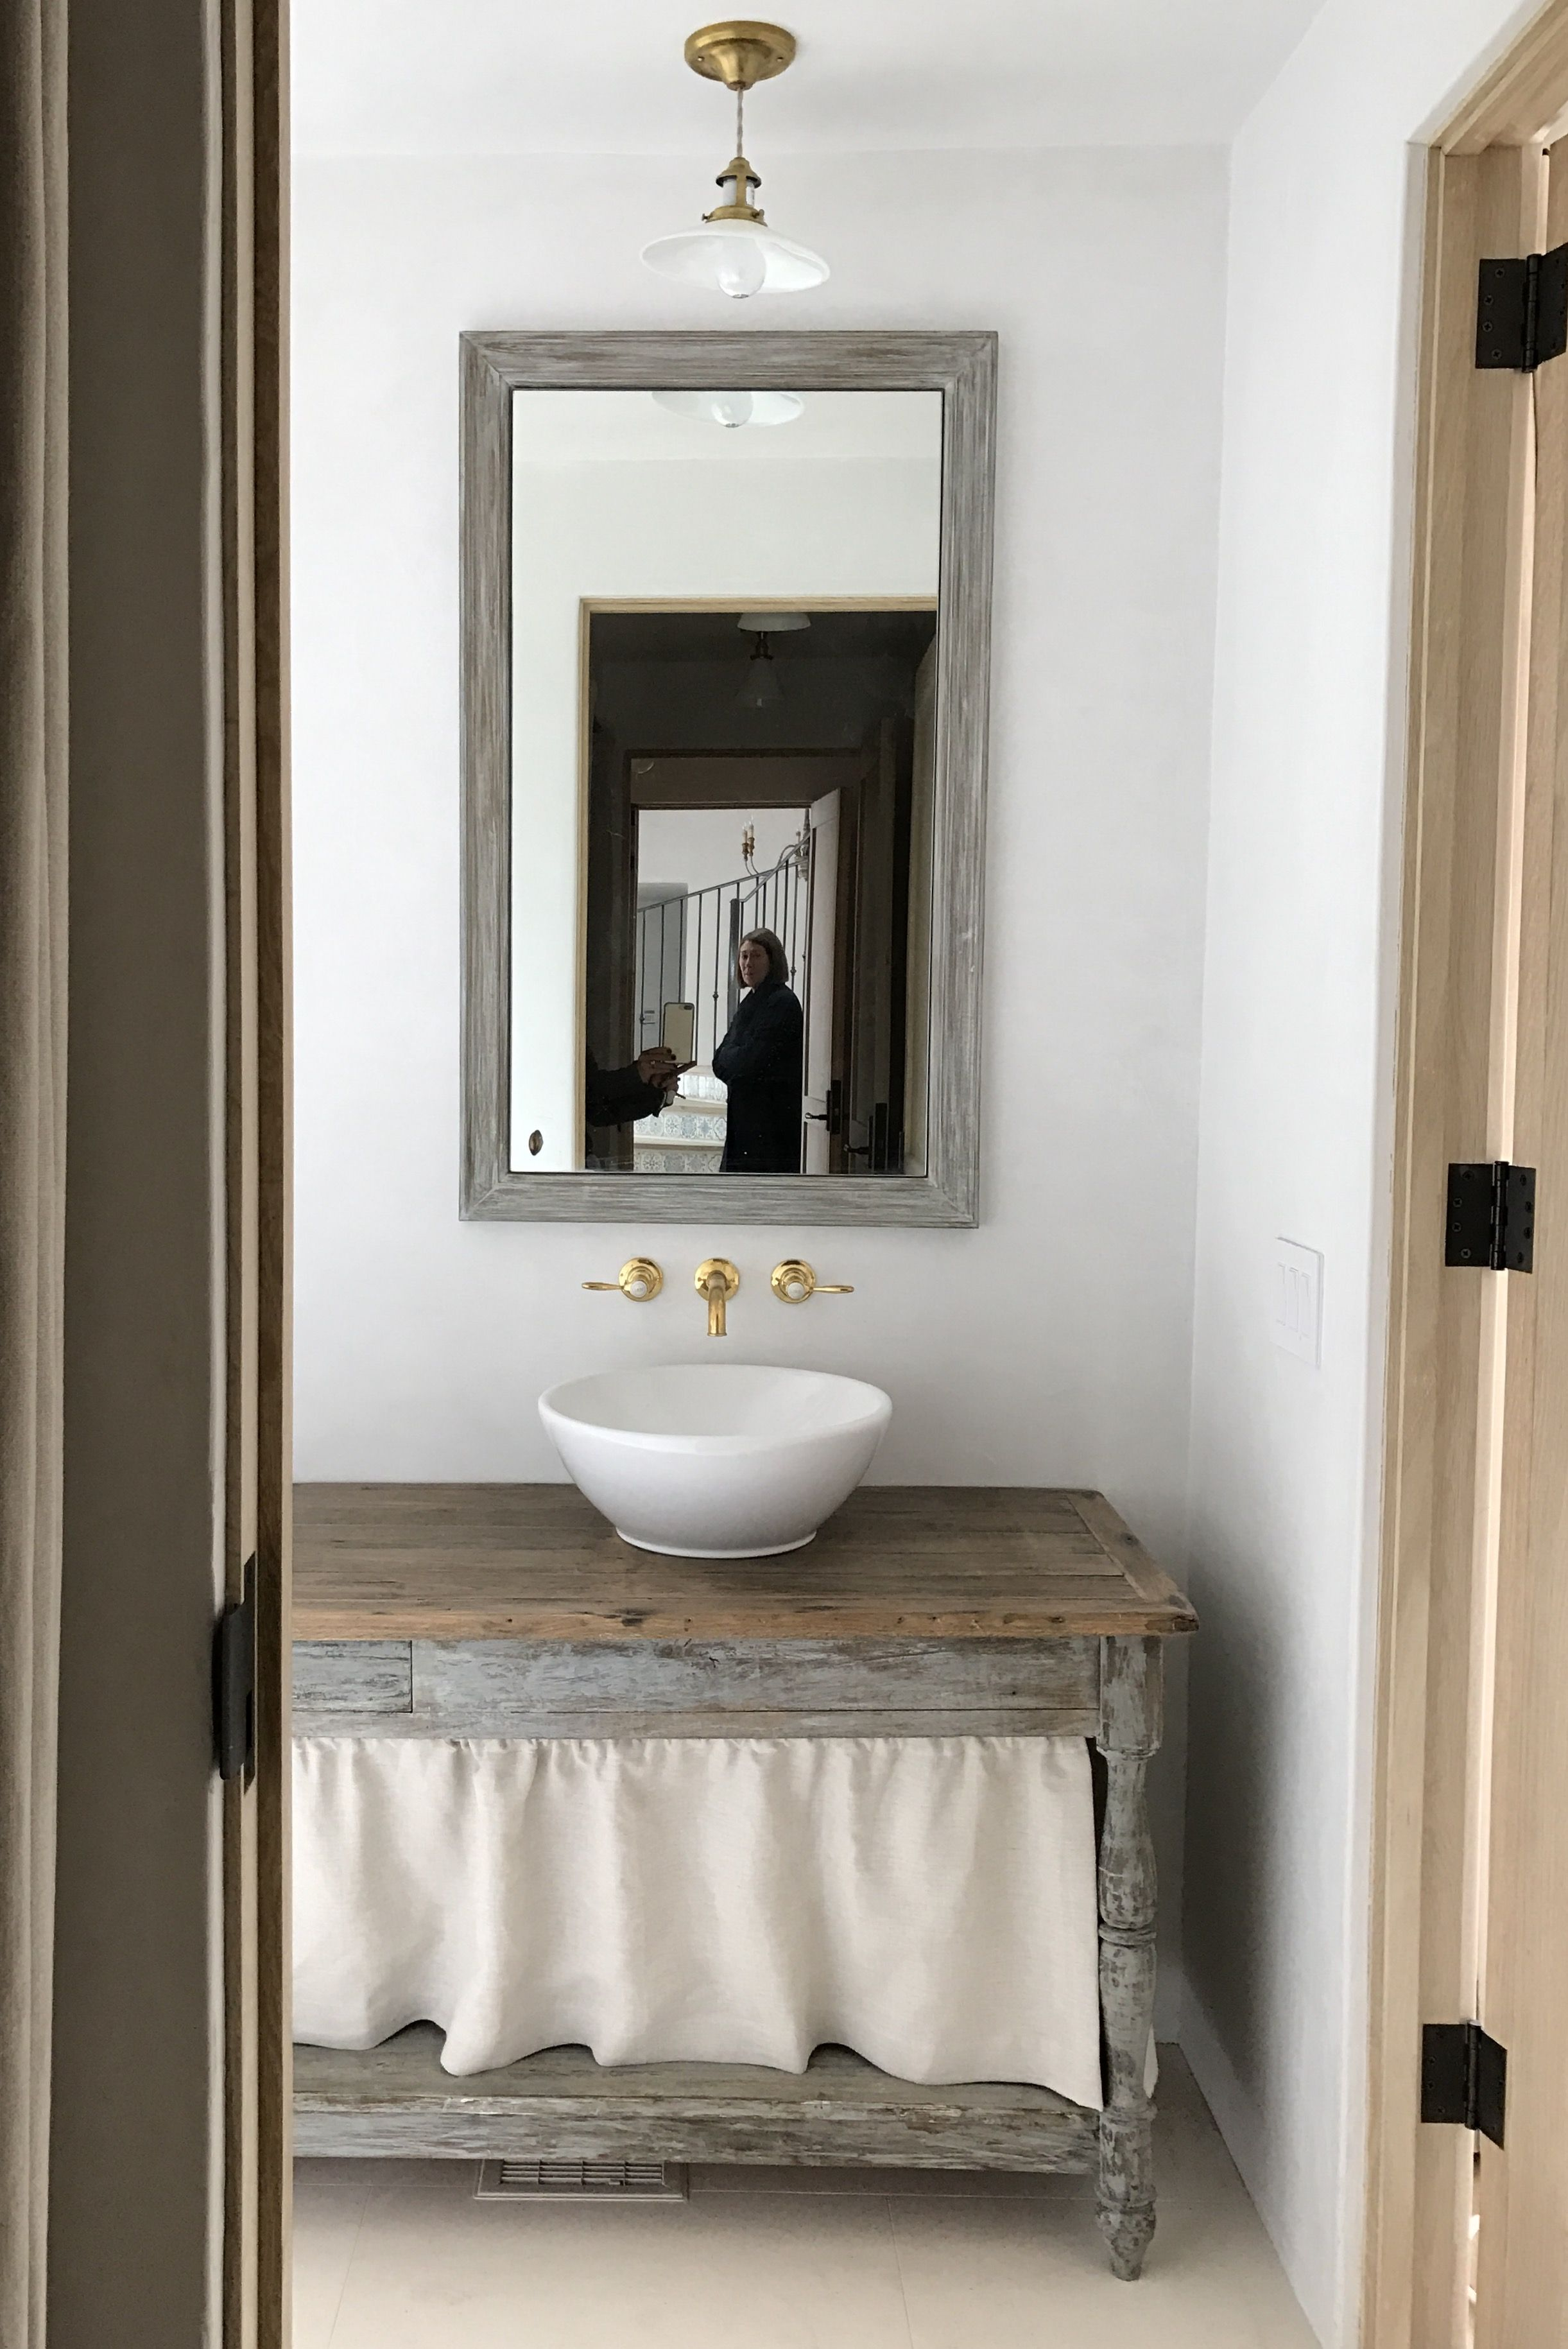 Living Room Interior Design Pdf: 6a00e554d7b827883301b8d24e124d970c-pi 2,443×3,659 Pixels